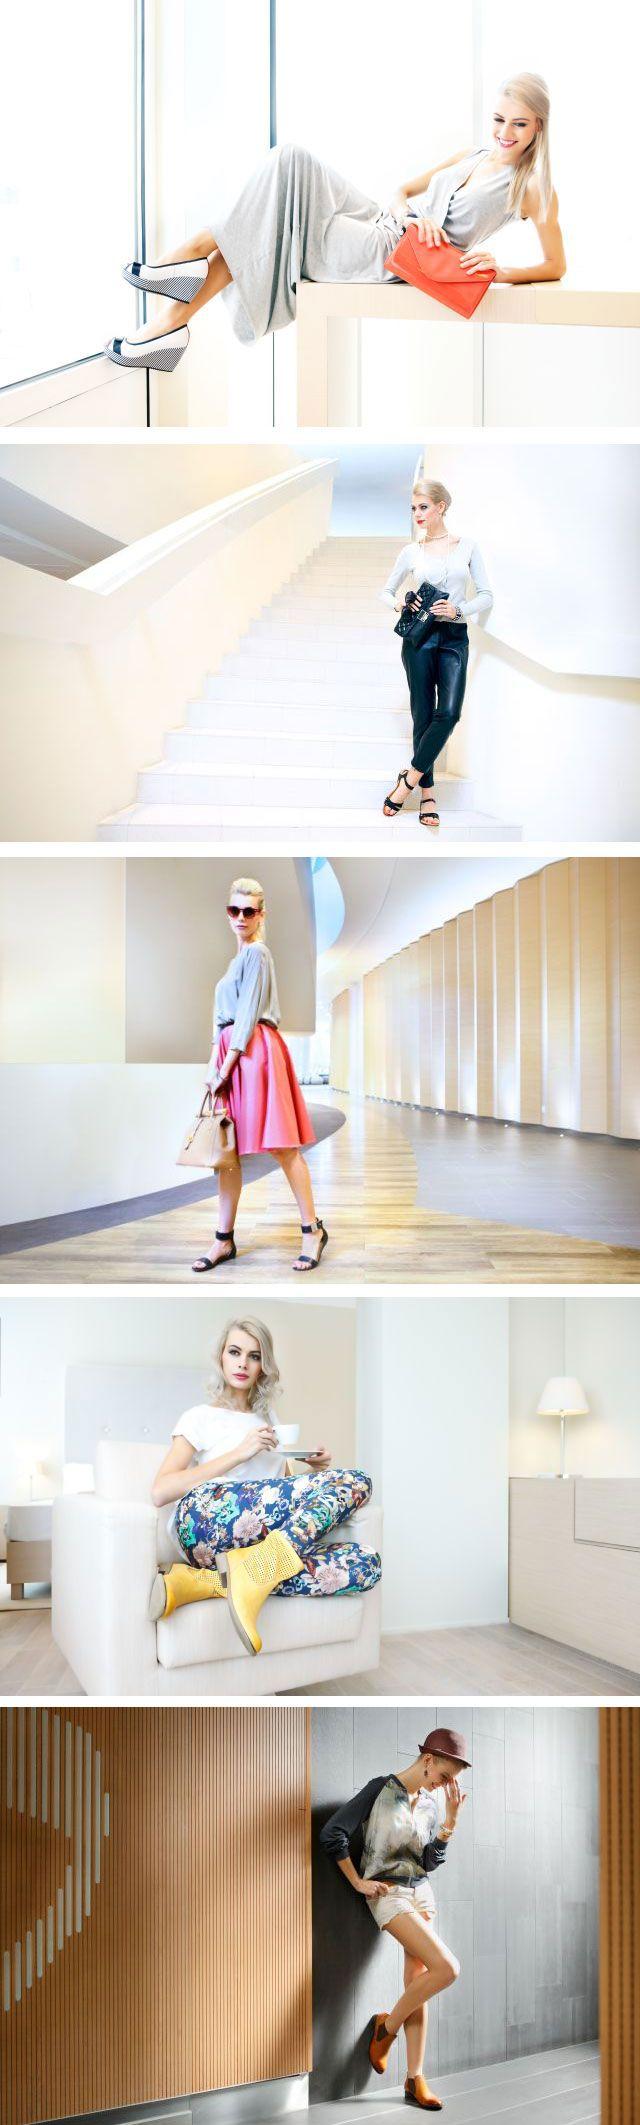 Wygraj buty z najnowszej kolekcji polskiej marki Carinii. szczegóły konkursu: http://www.eksmagazyn.pl/kalendarz-imprez/eventy/konkurs-eksmagazynu-i-carinii/ || #konkurs #buty #lato #moda